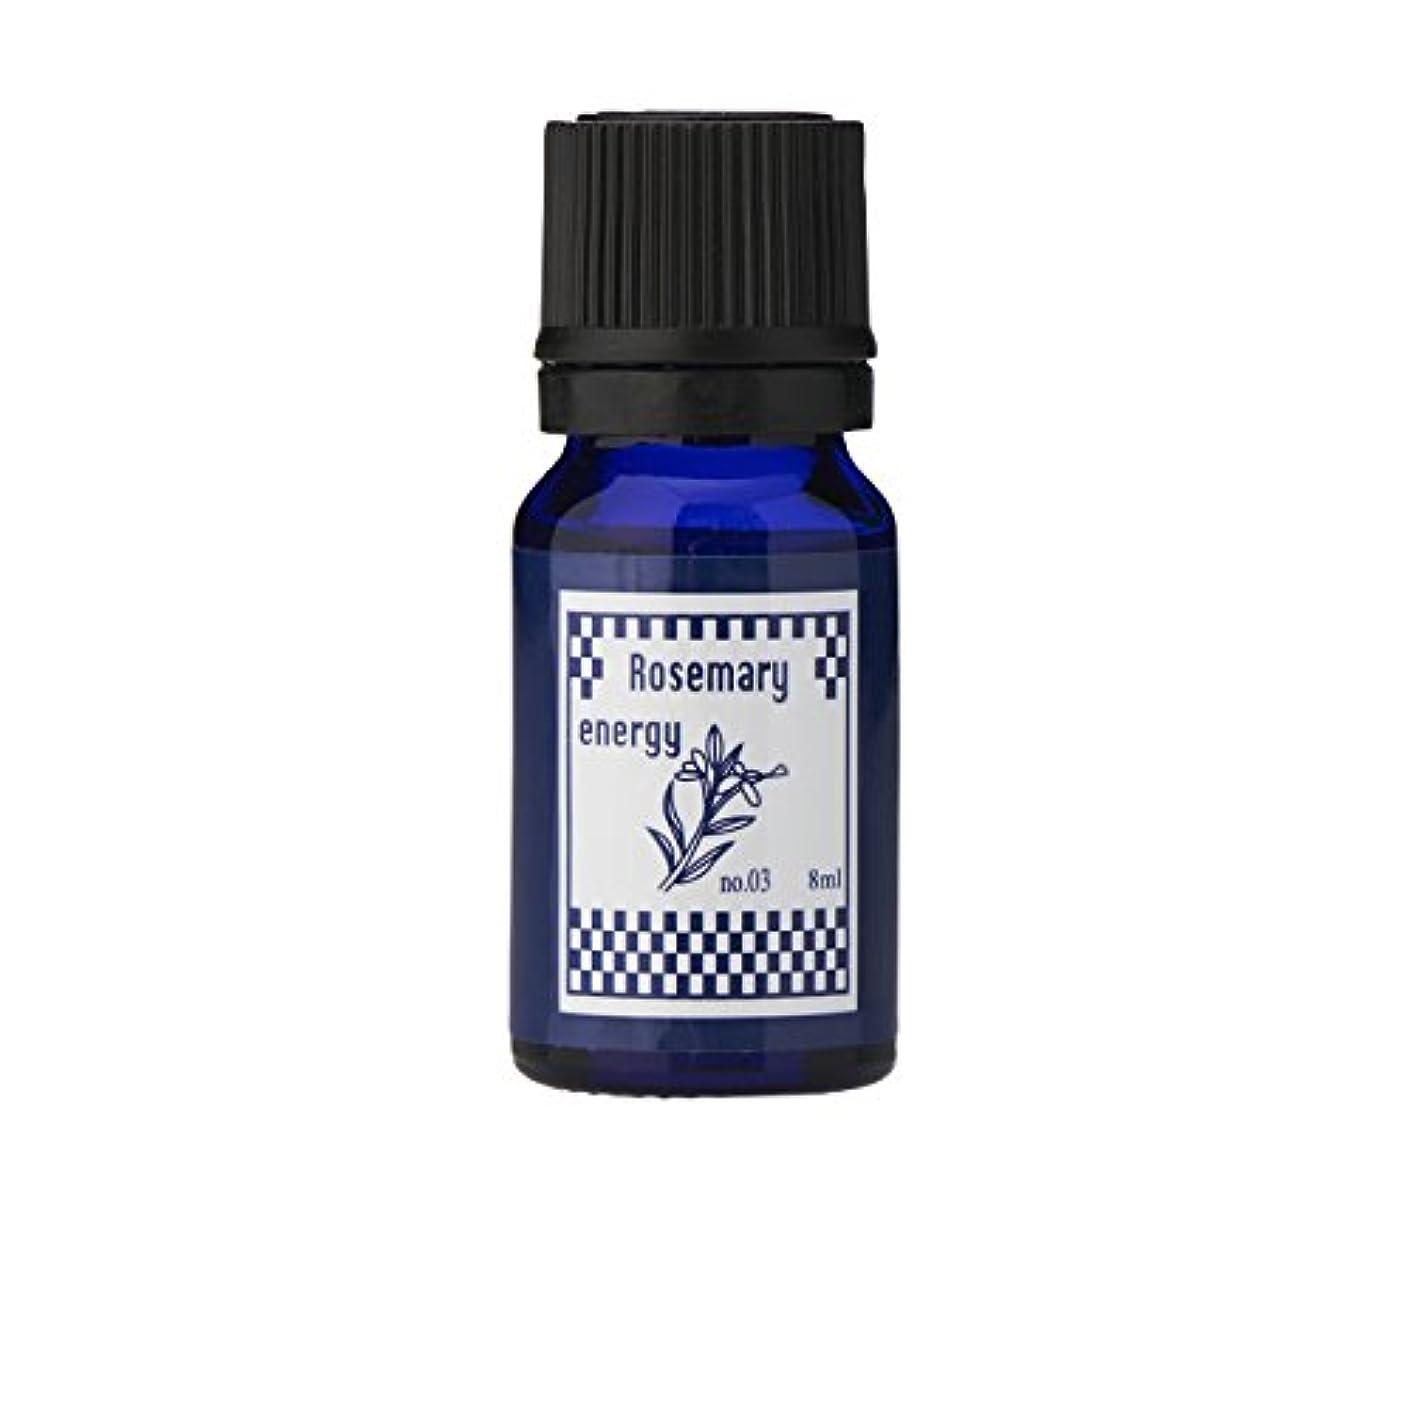 火炎和印象的なブルーラベル アロマエッセンス8ml ローズマリー(アロマオイル 調合香料 芳香用)